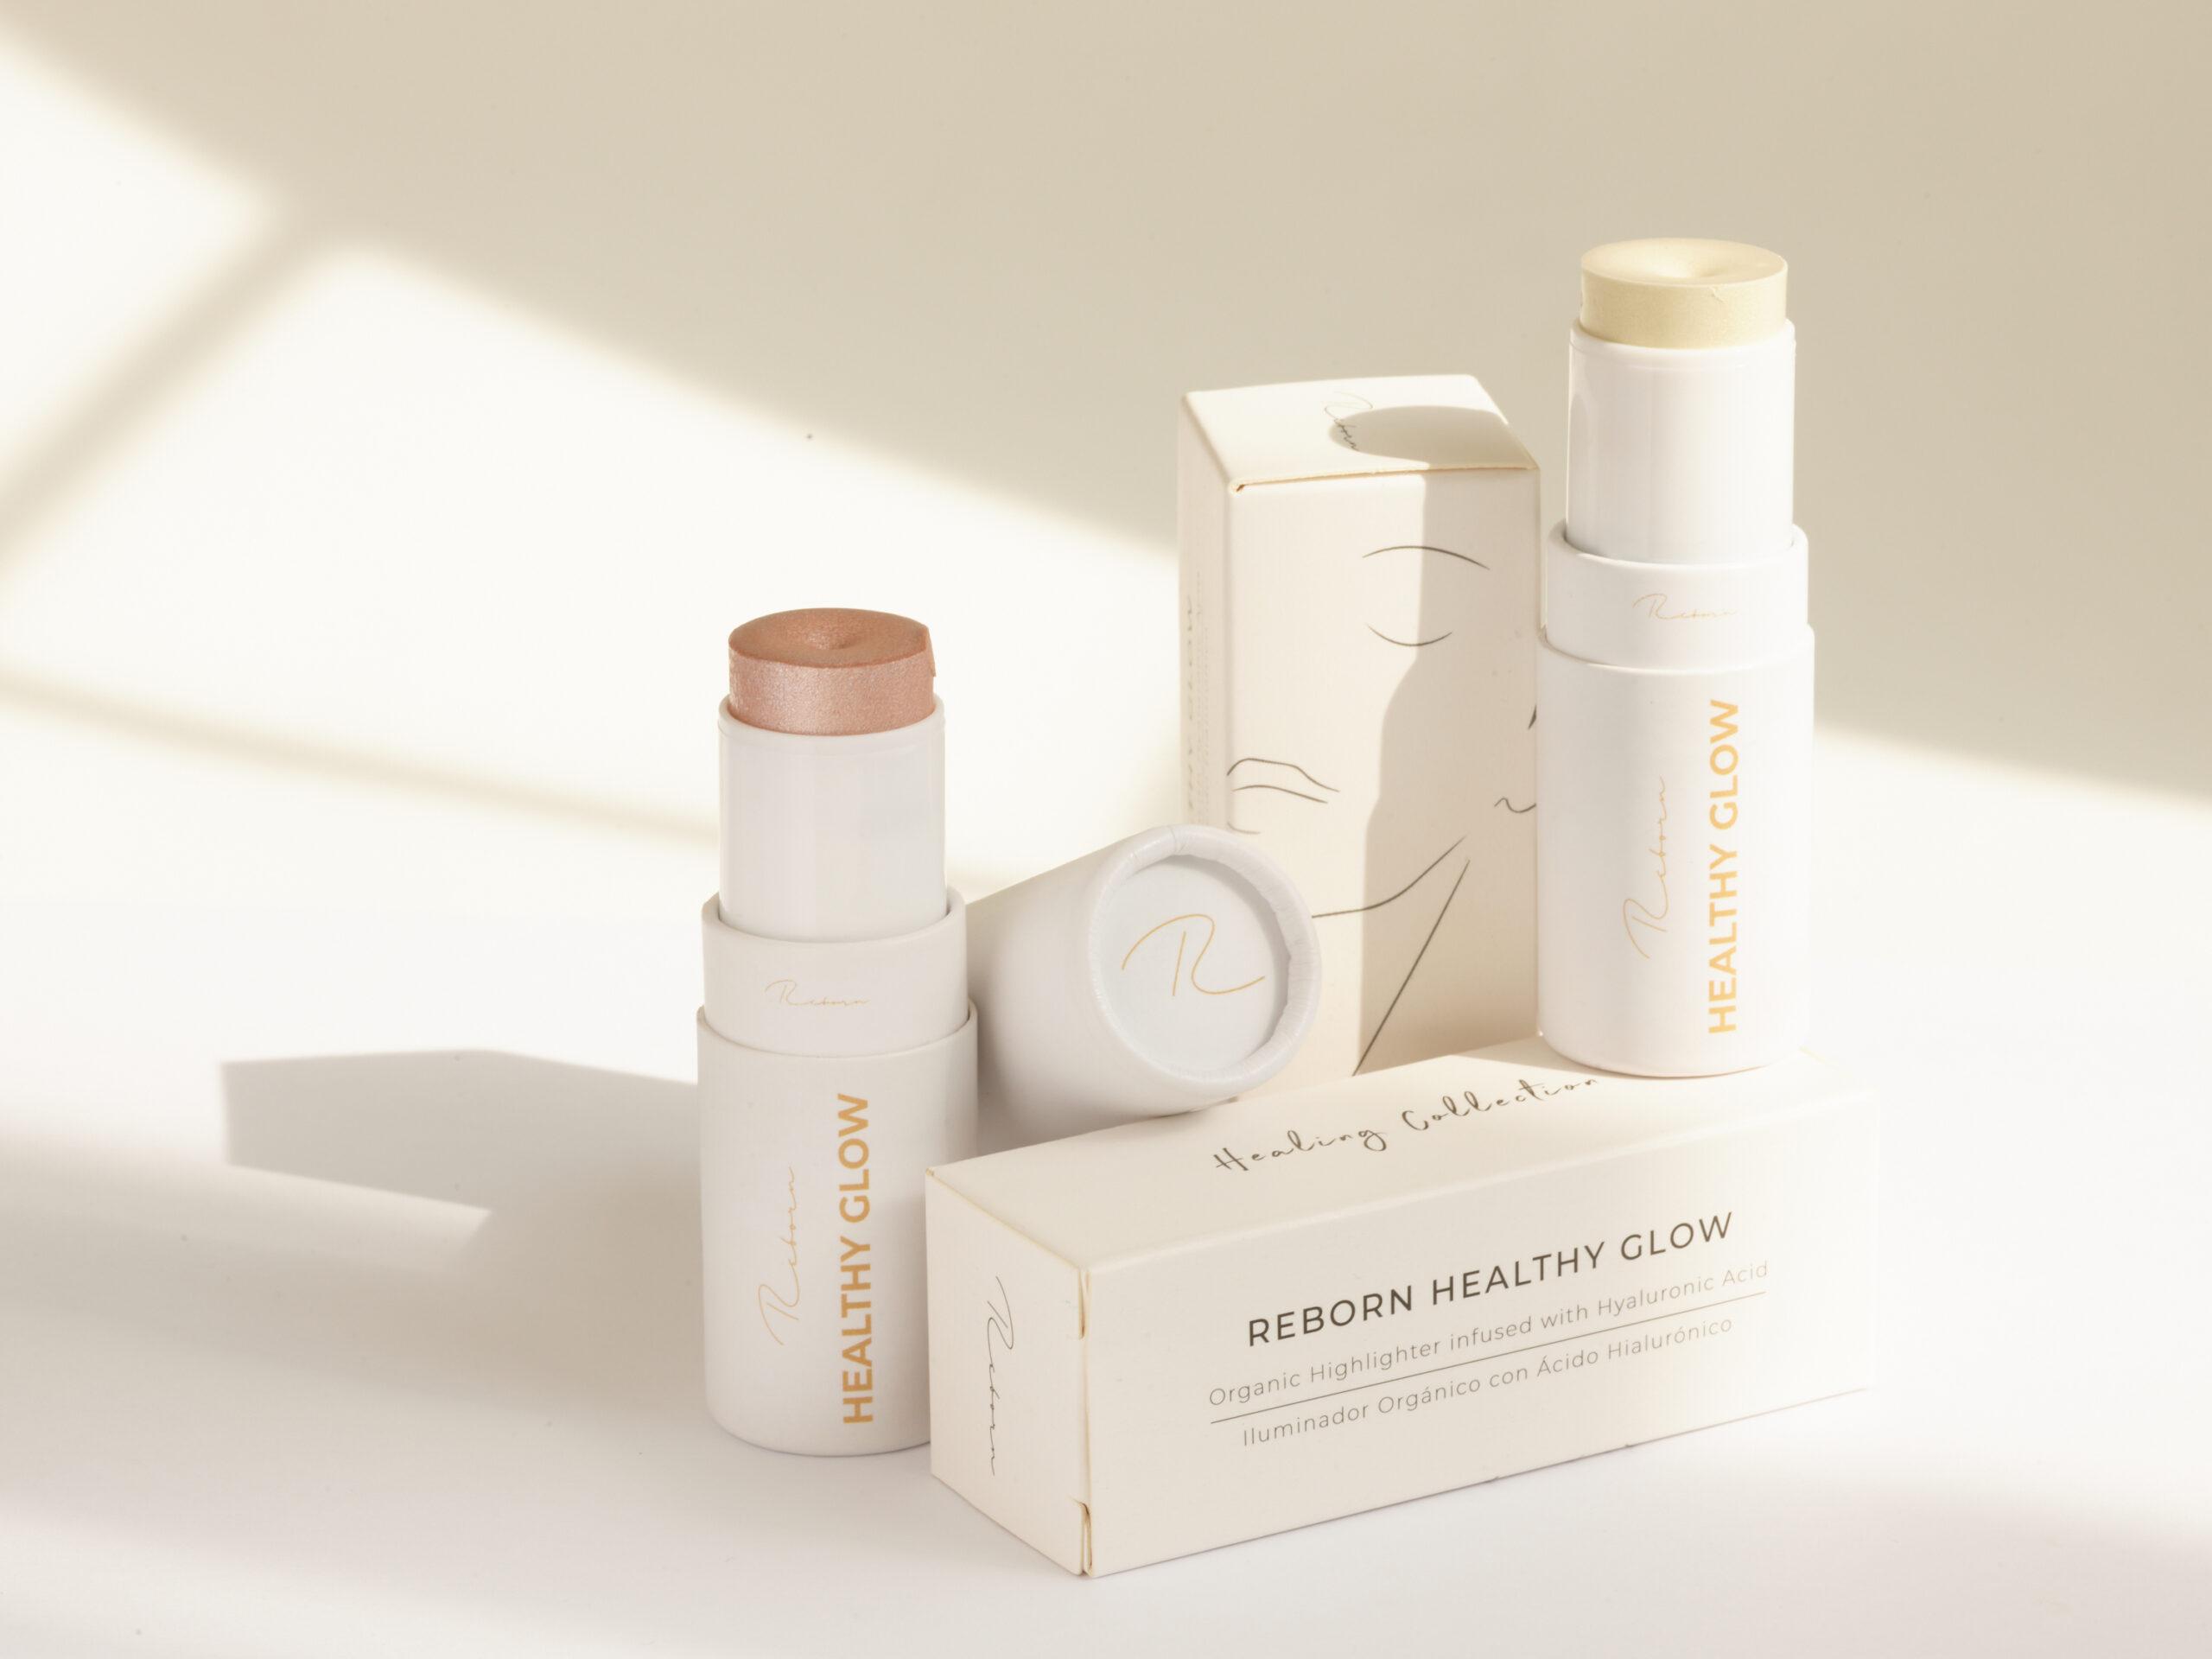 reborn-organic-highlighter-iluminador-ecologico-organico-makeup-maquillaje-natural